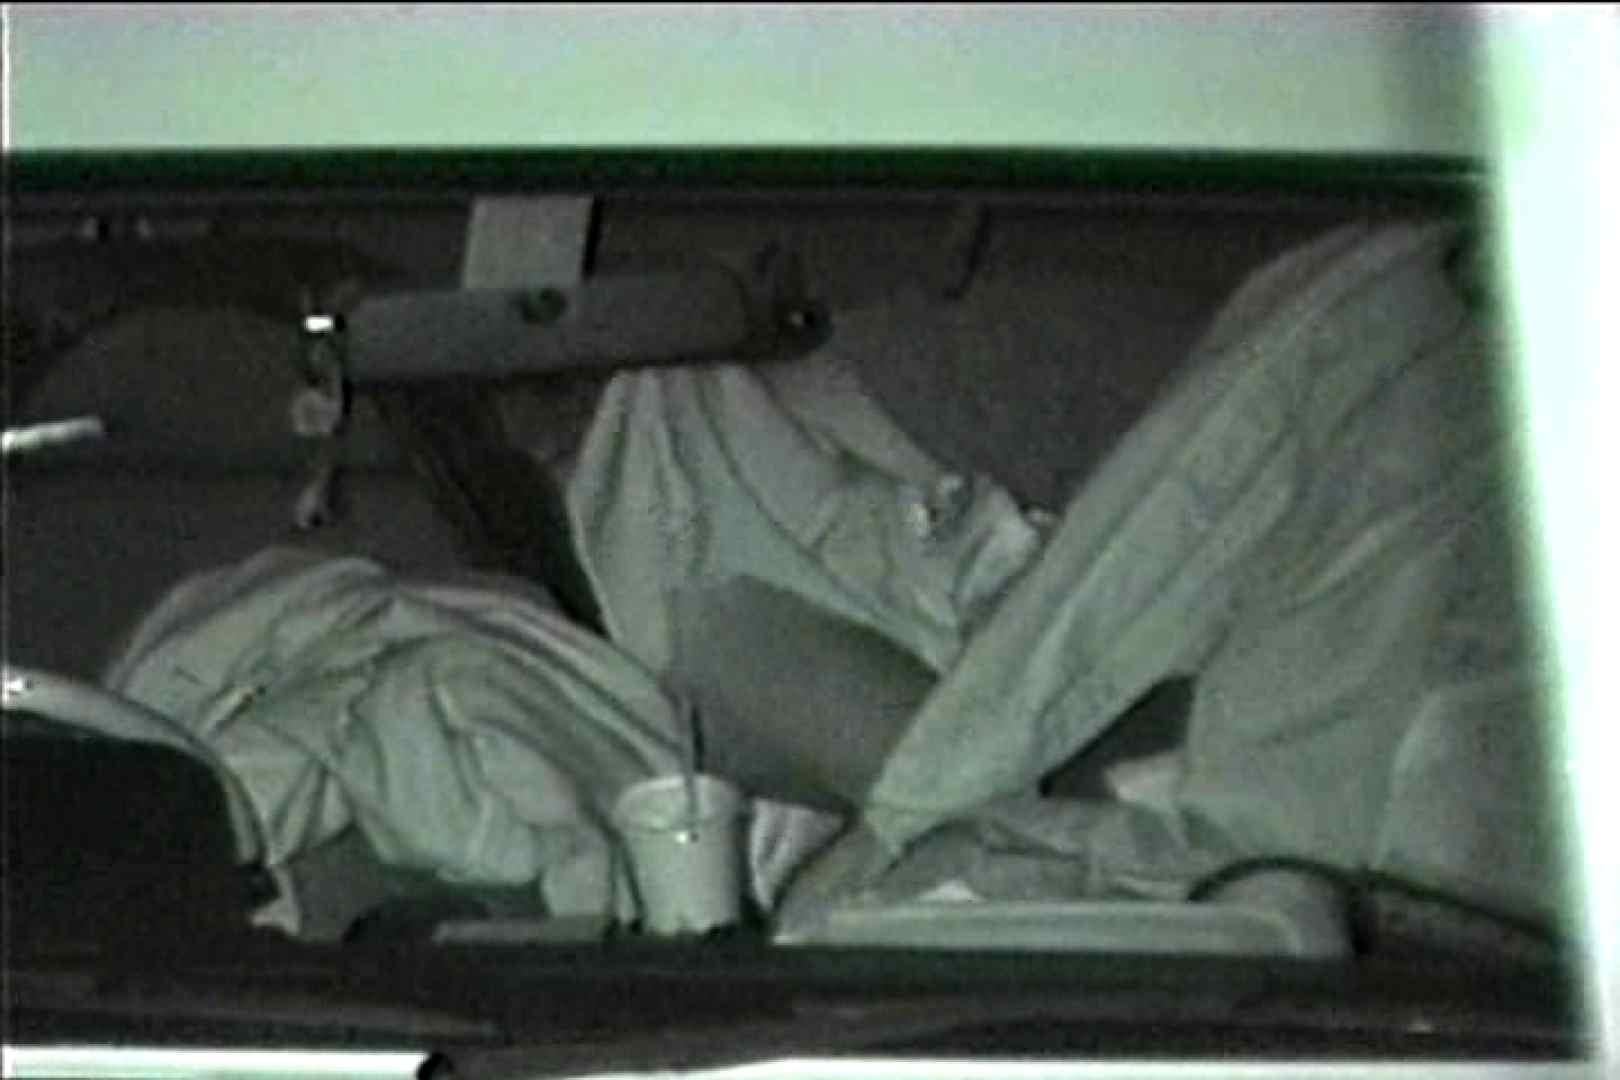 車の中はラブホテル 無修正版  Vol.7 ホテルでエッチ  41pic 8